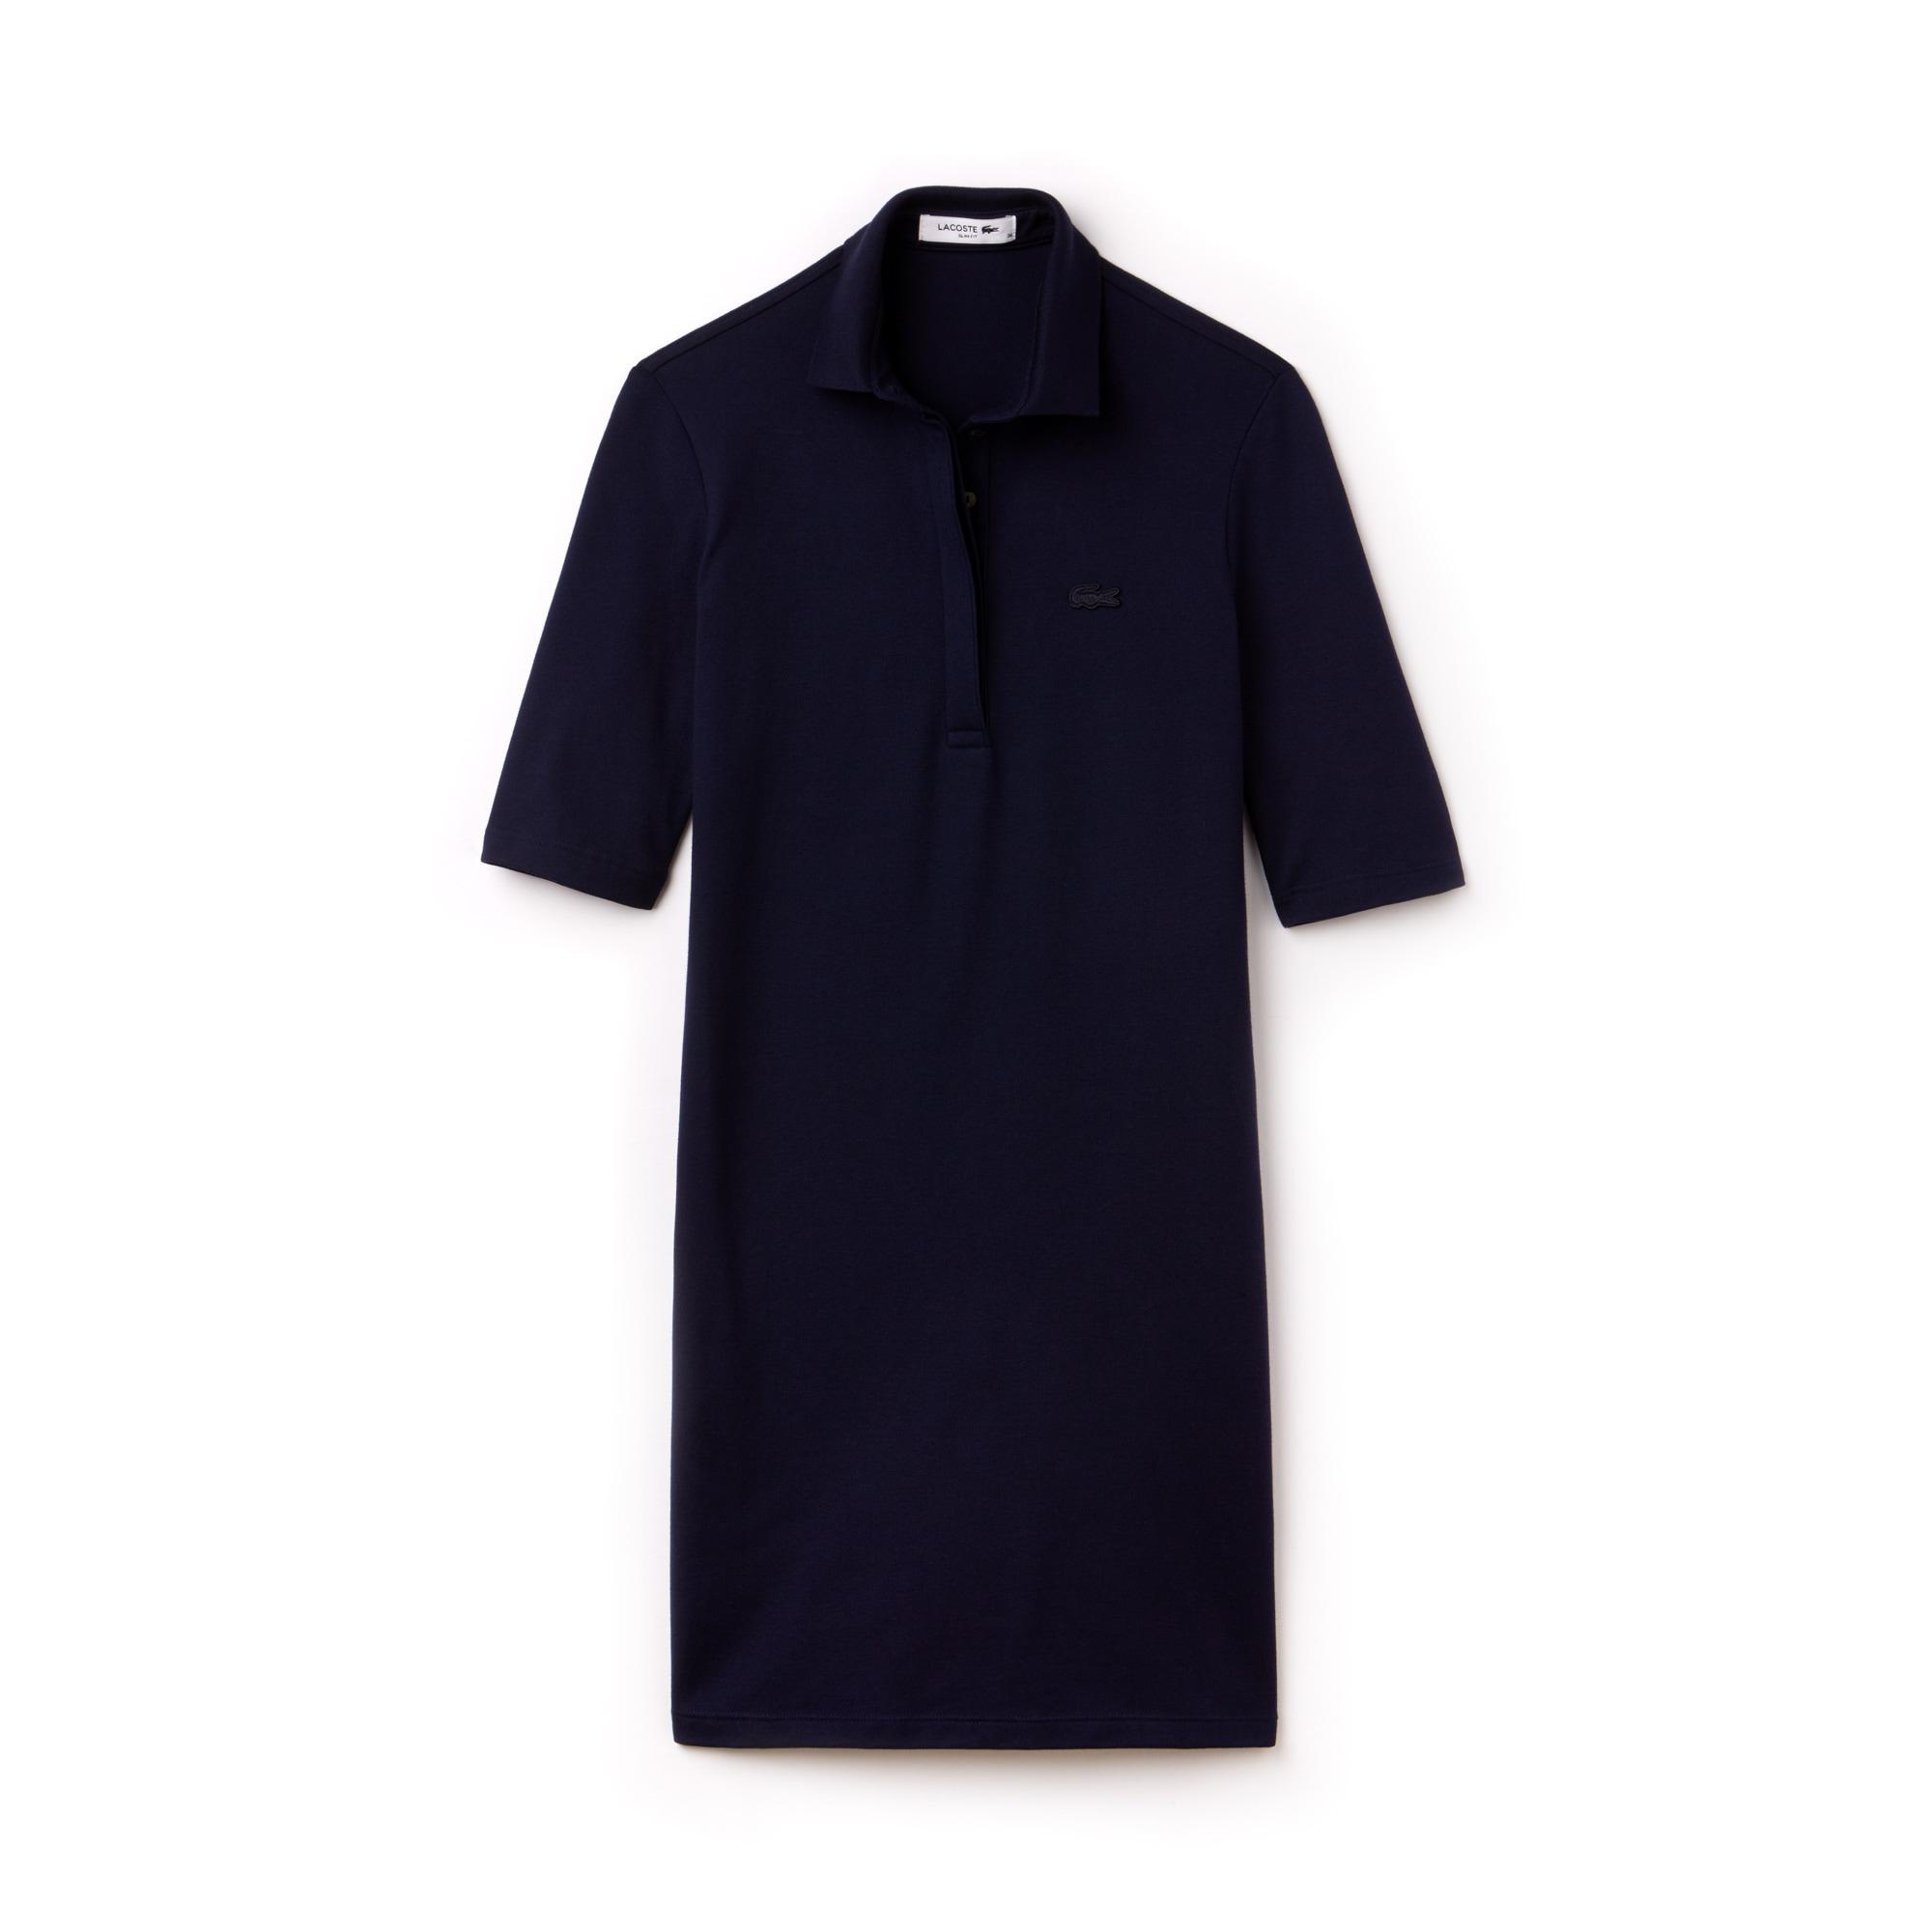 Vestido tipo polo slim fit con mangas tres cuartos de minipiqué elástico